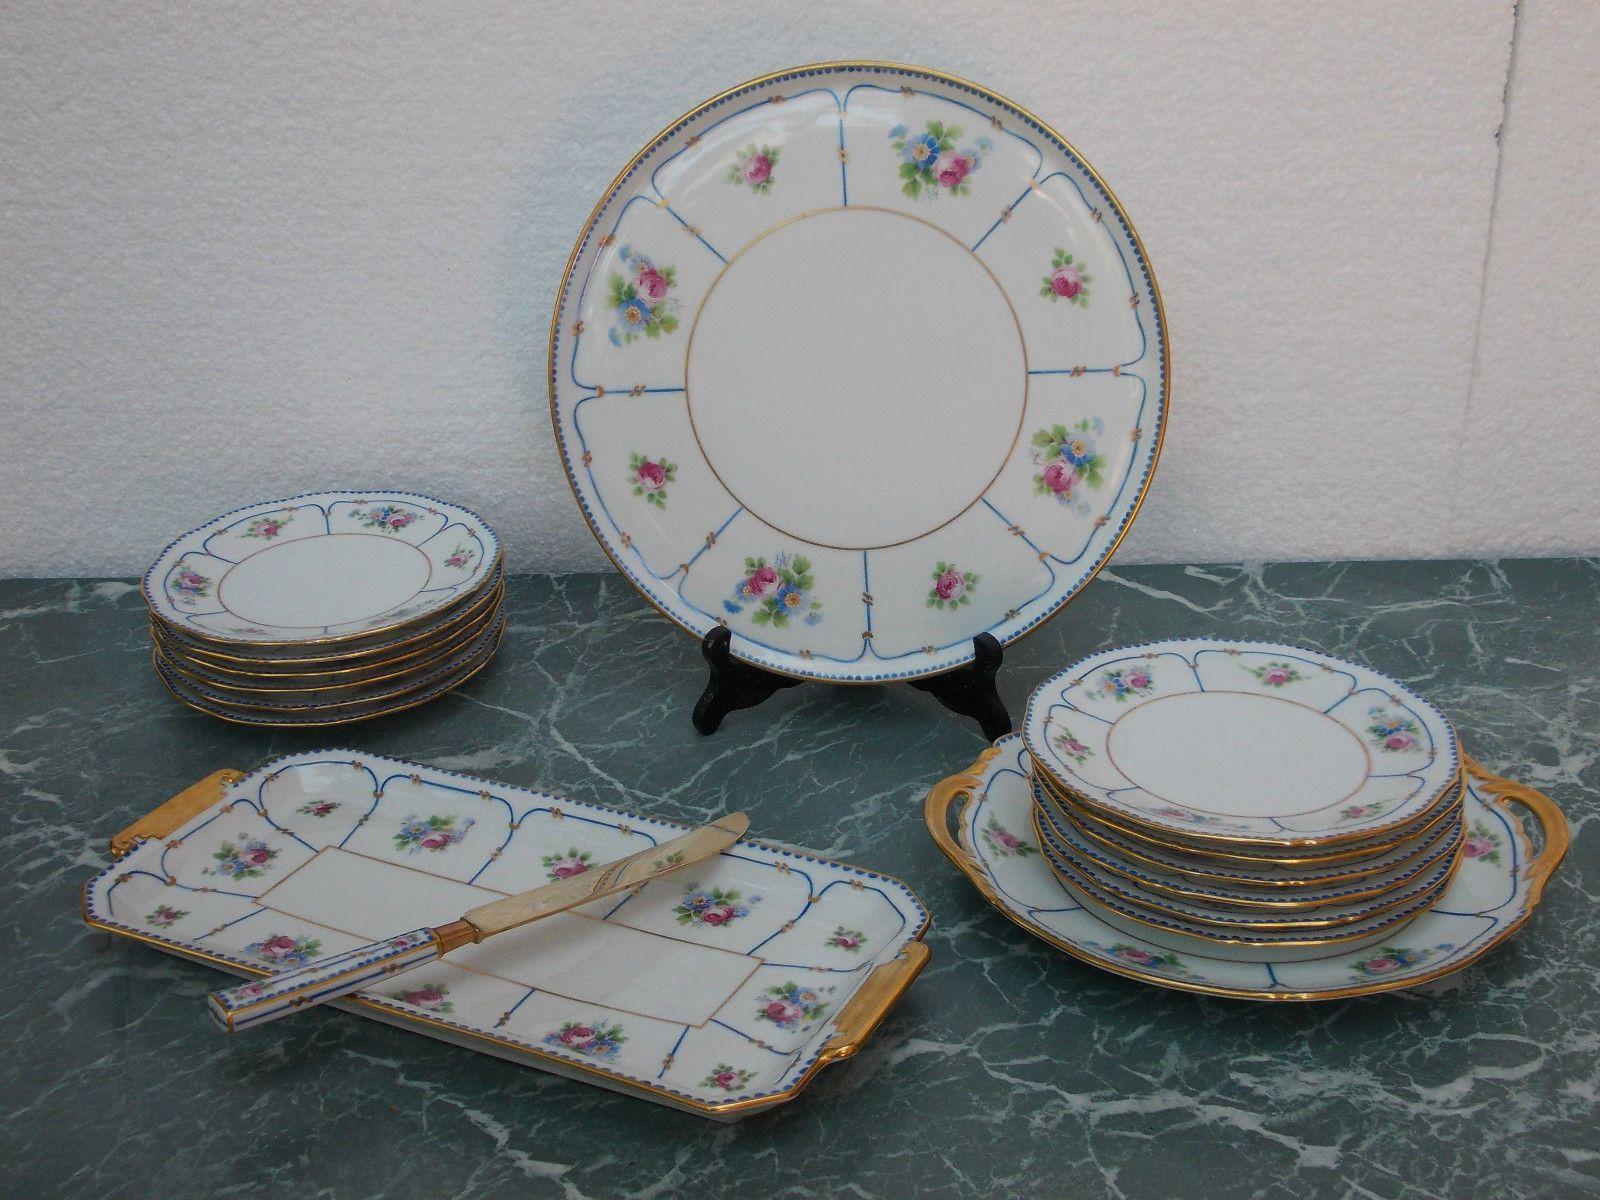 porcelaine de limoges service dessert legrand d cor main ebay arts de la table pinterest. Black Bedroom Furniture Sets. Home Design Ideas